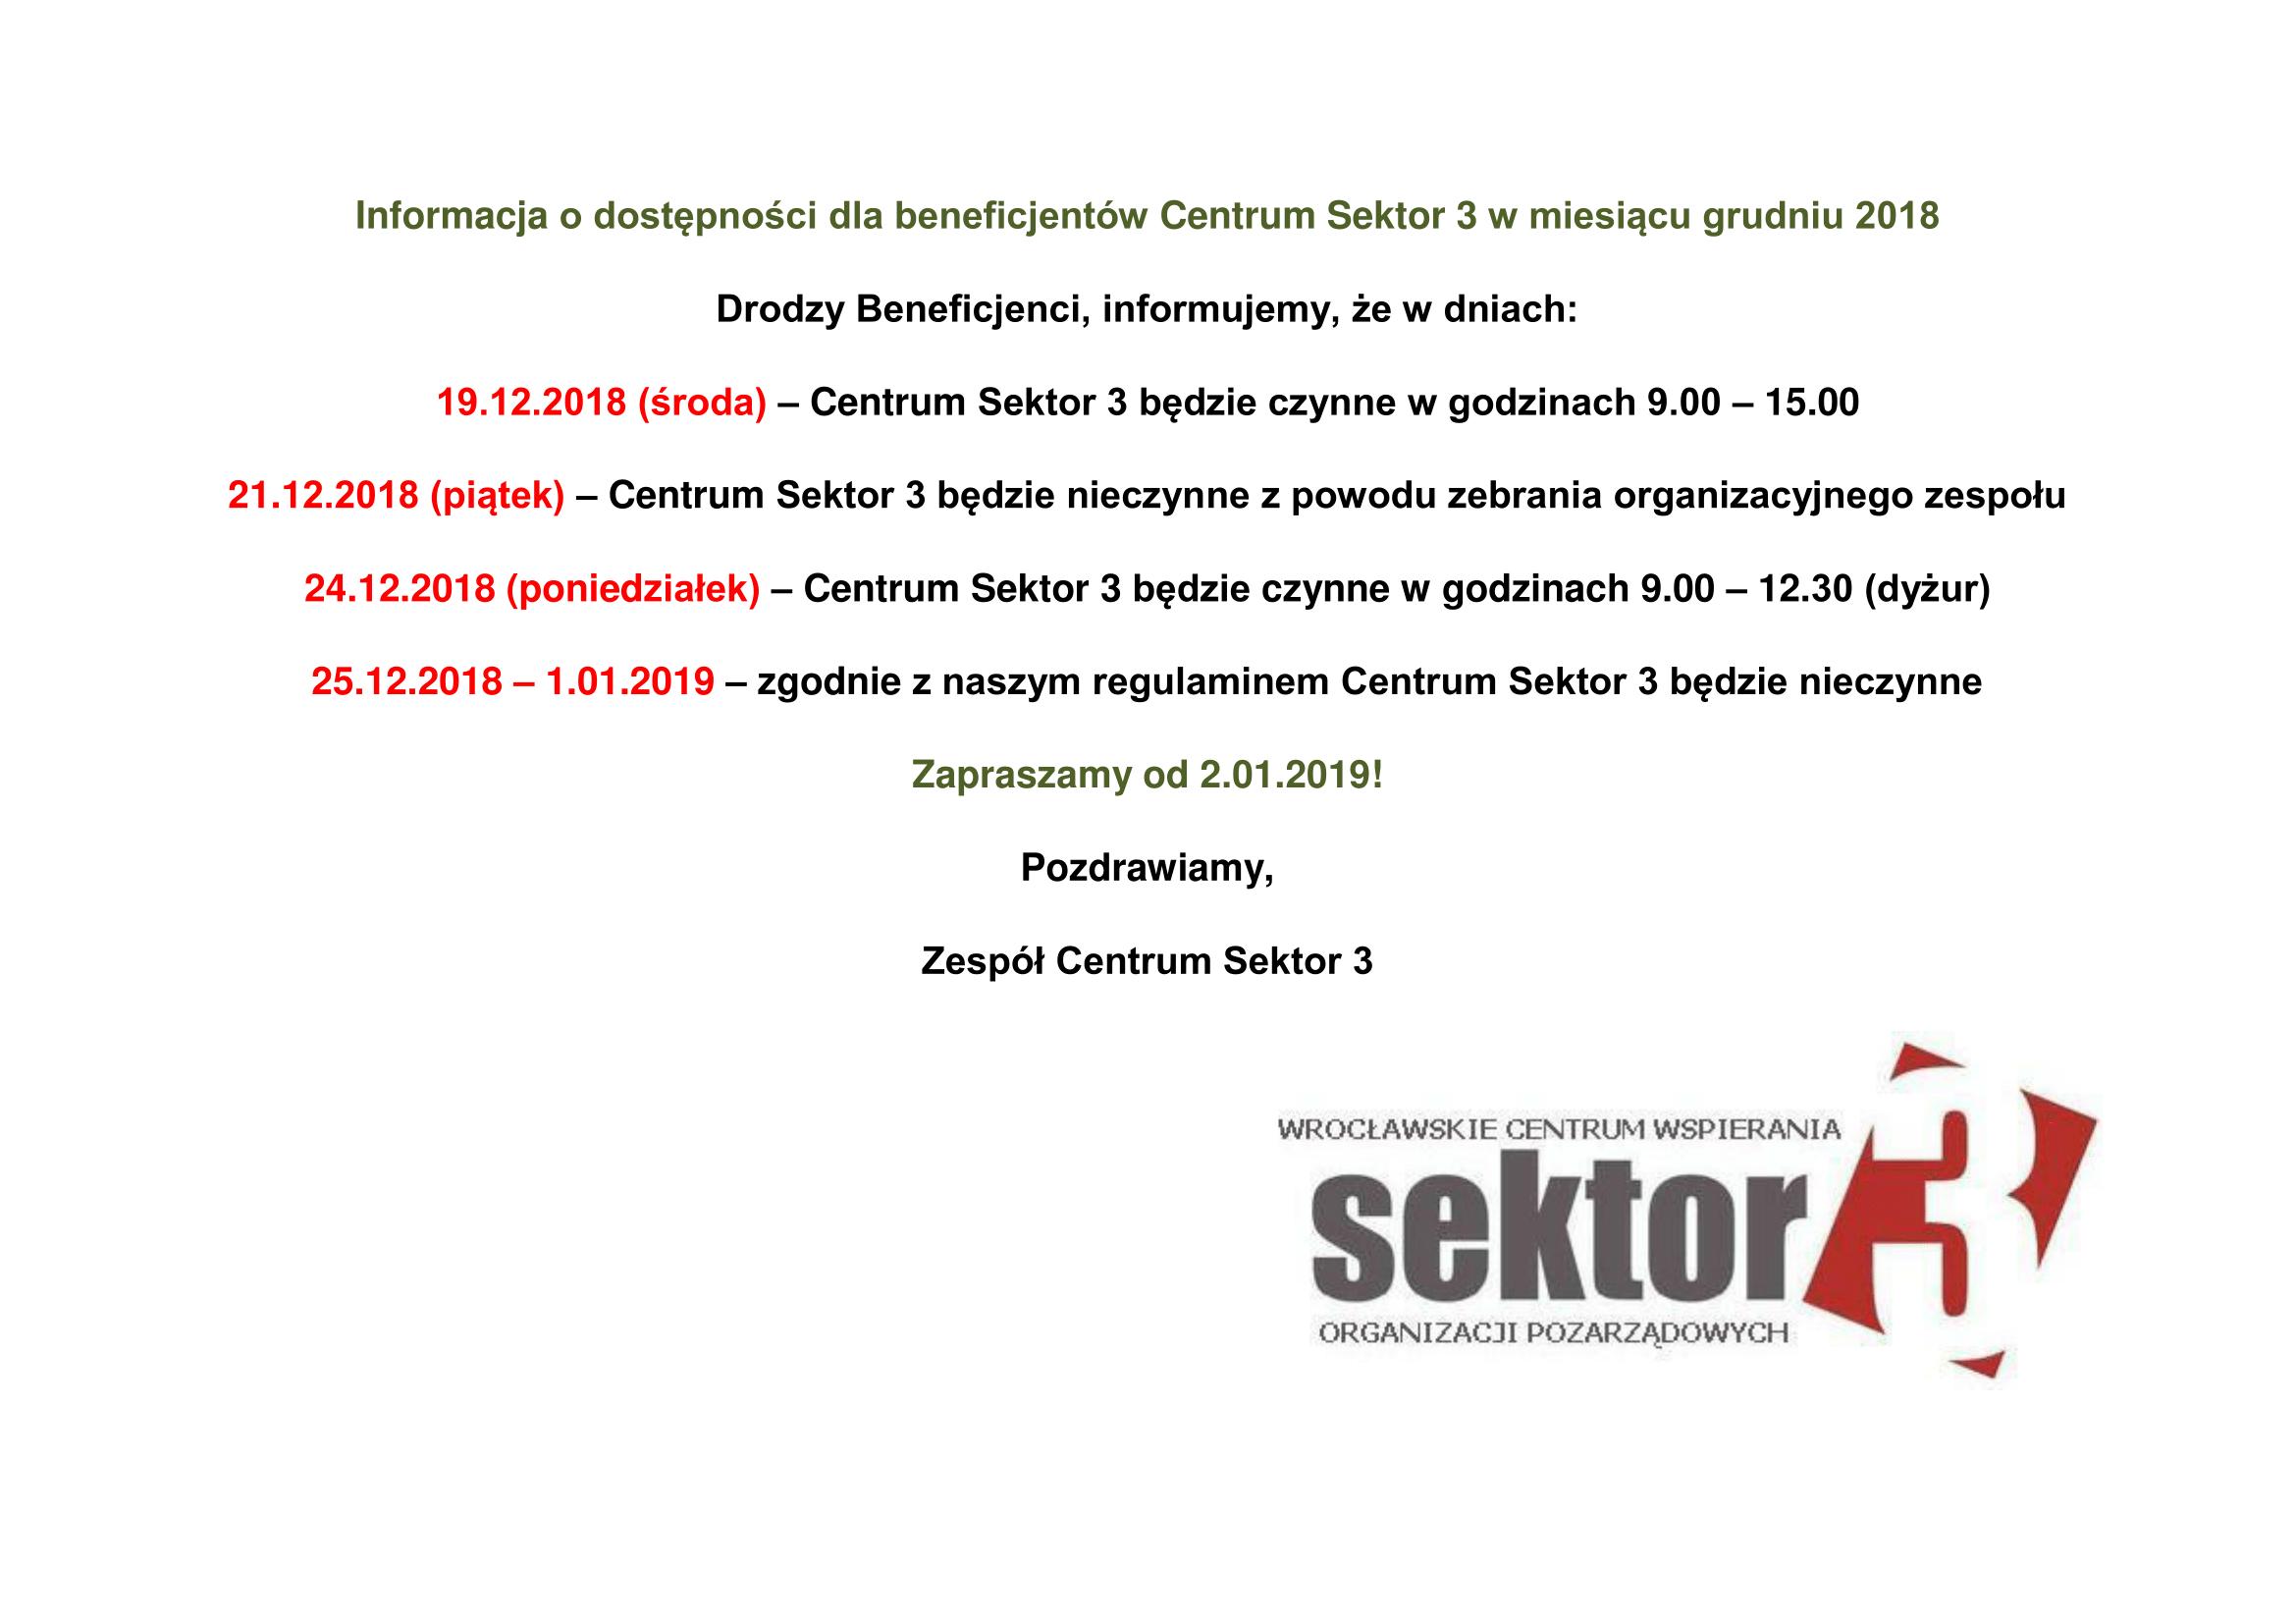 Informacje o dostępności dla beneficjentów Centrum Sektor 3 w miesiącu grudniu 2011-1